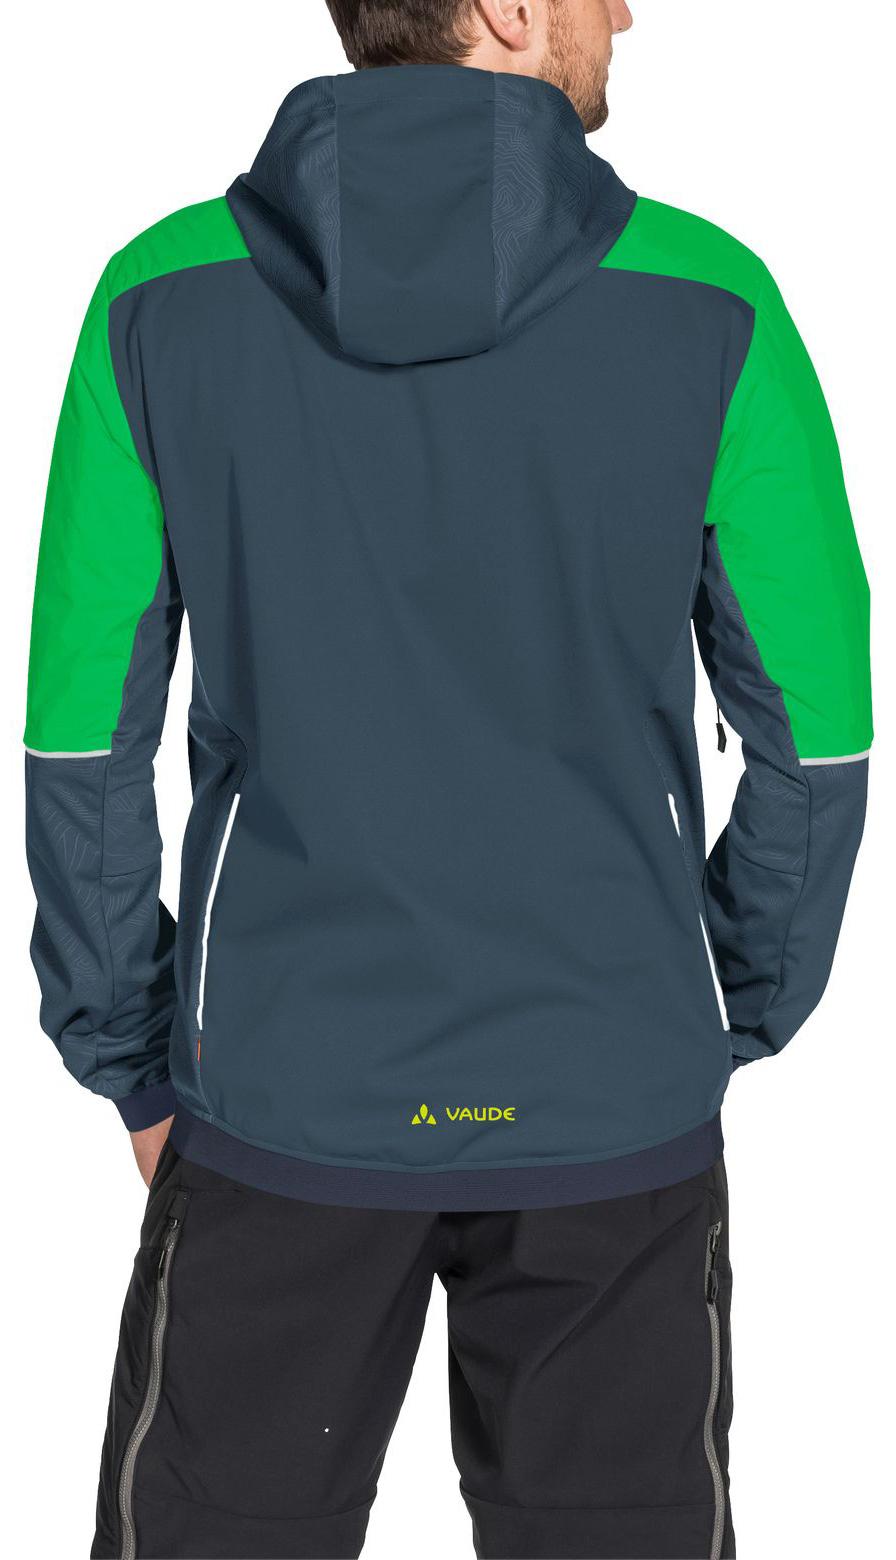 Bild von Vaude All Year Moab Jacke für Mountainbiker - kiwi